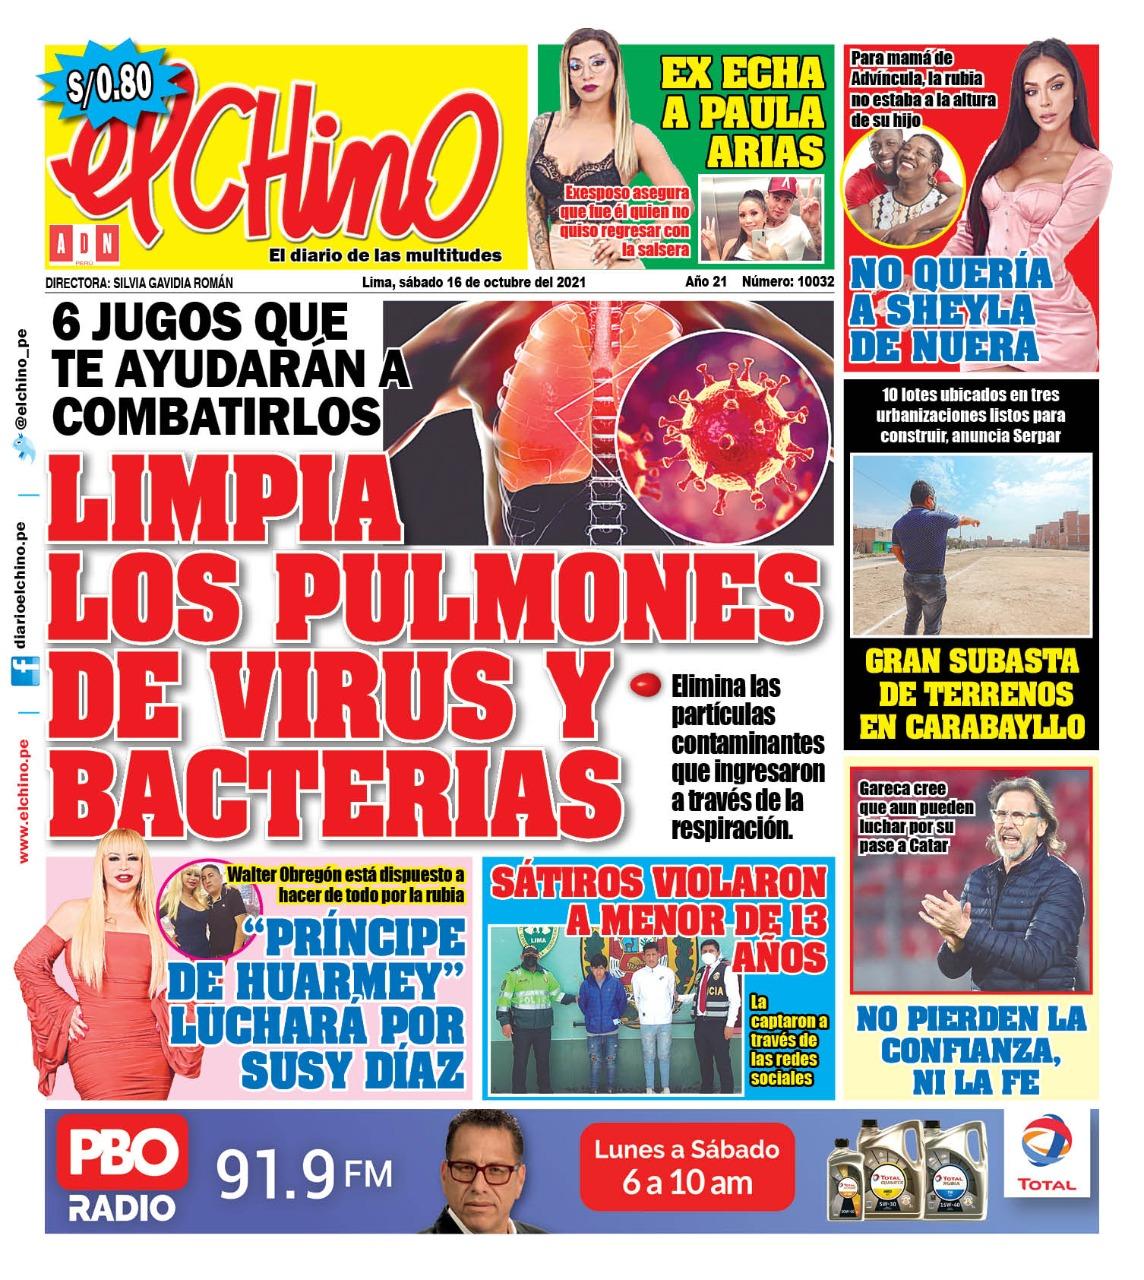 Portada impresa – Diario El Chino (16/10/2021)